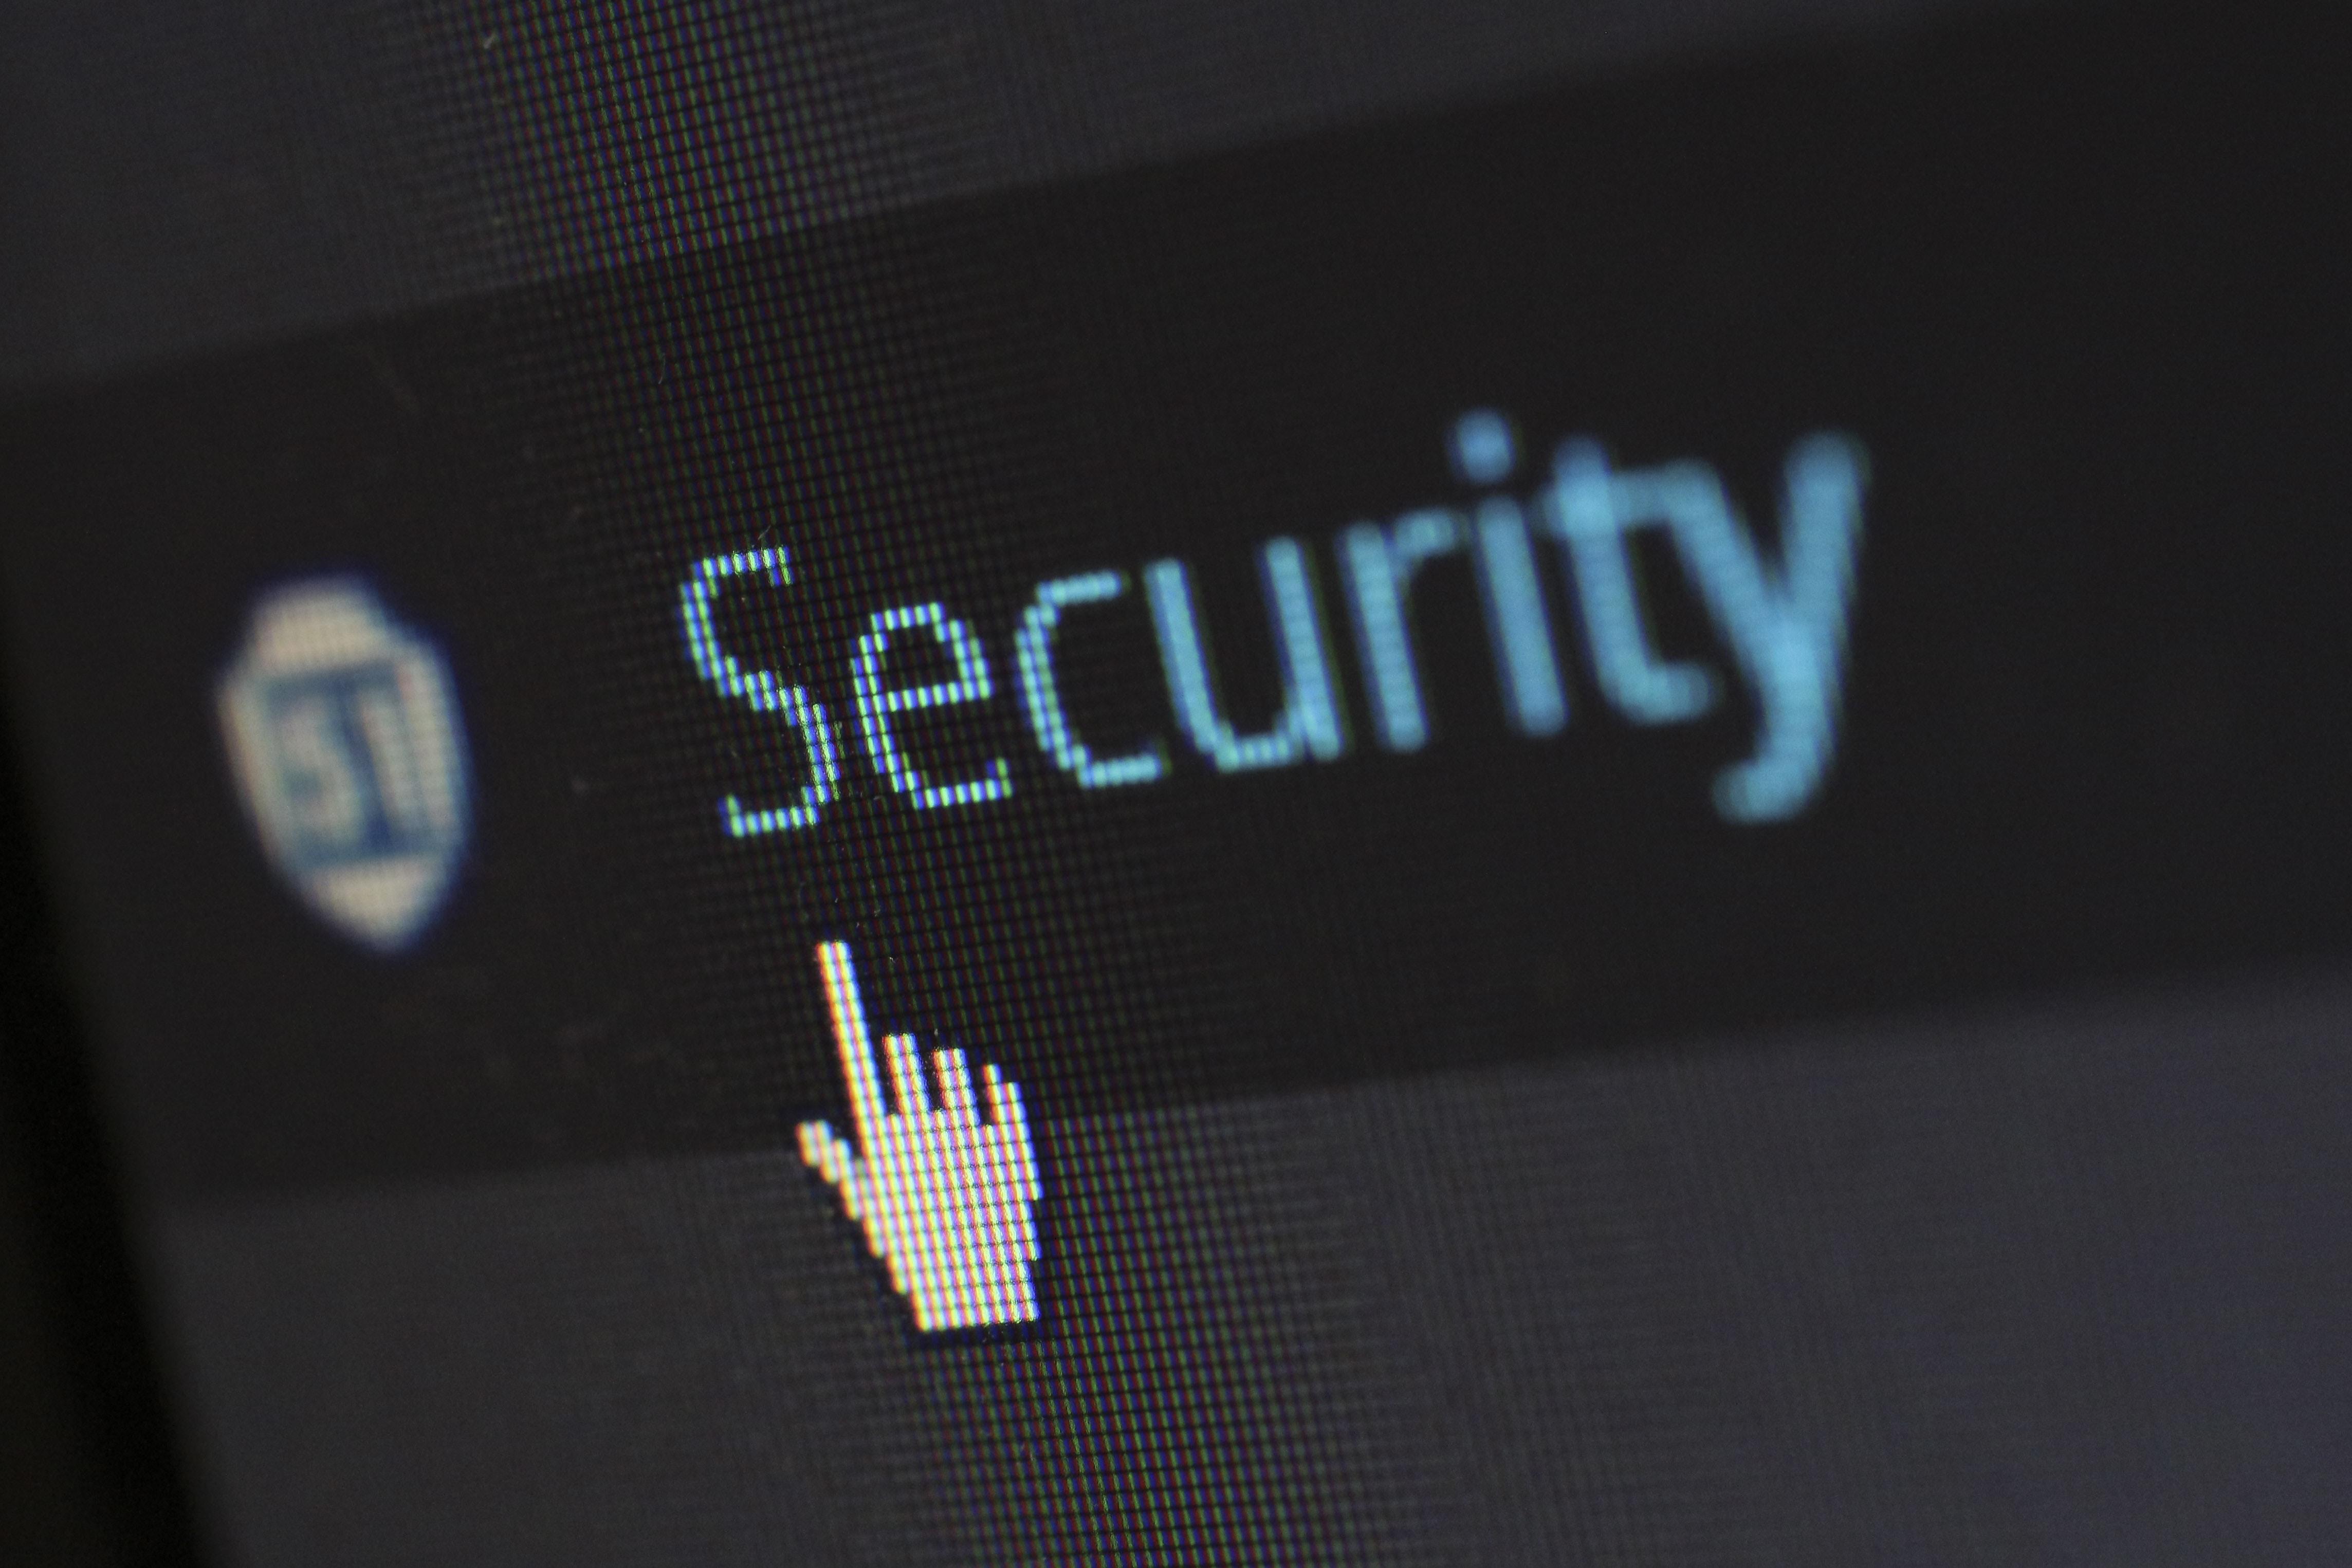 ۵ باور اشتباه برای بالا بردن امنیت وای فای